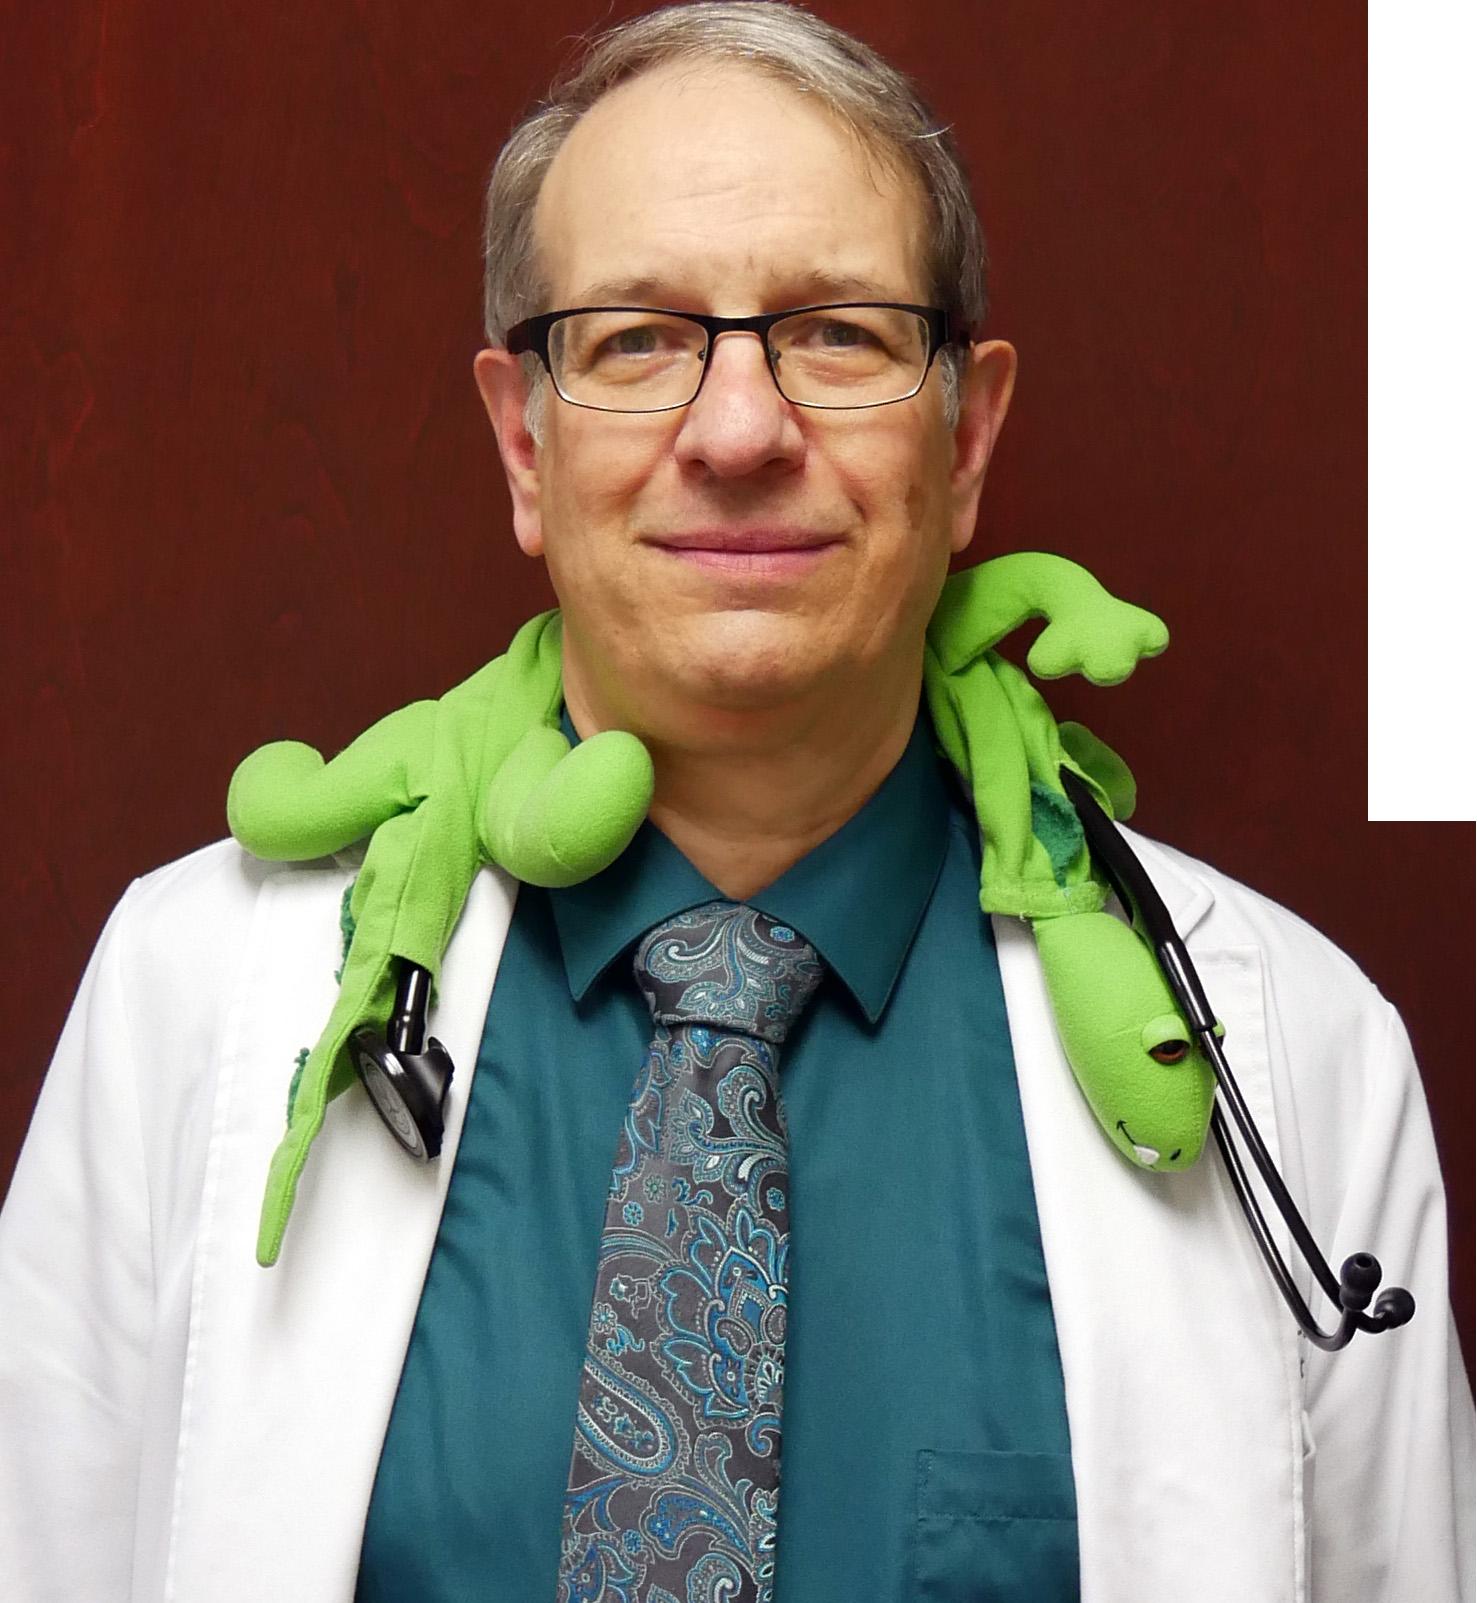 David Kleczek, PA-C